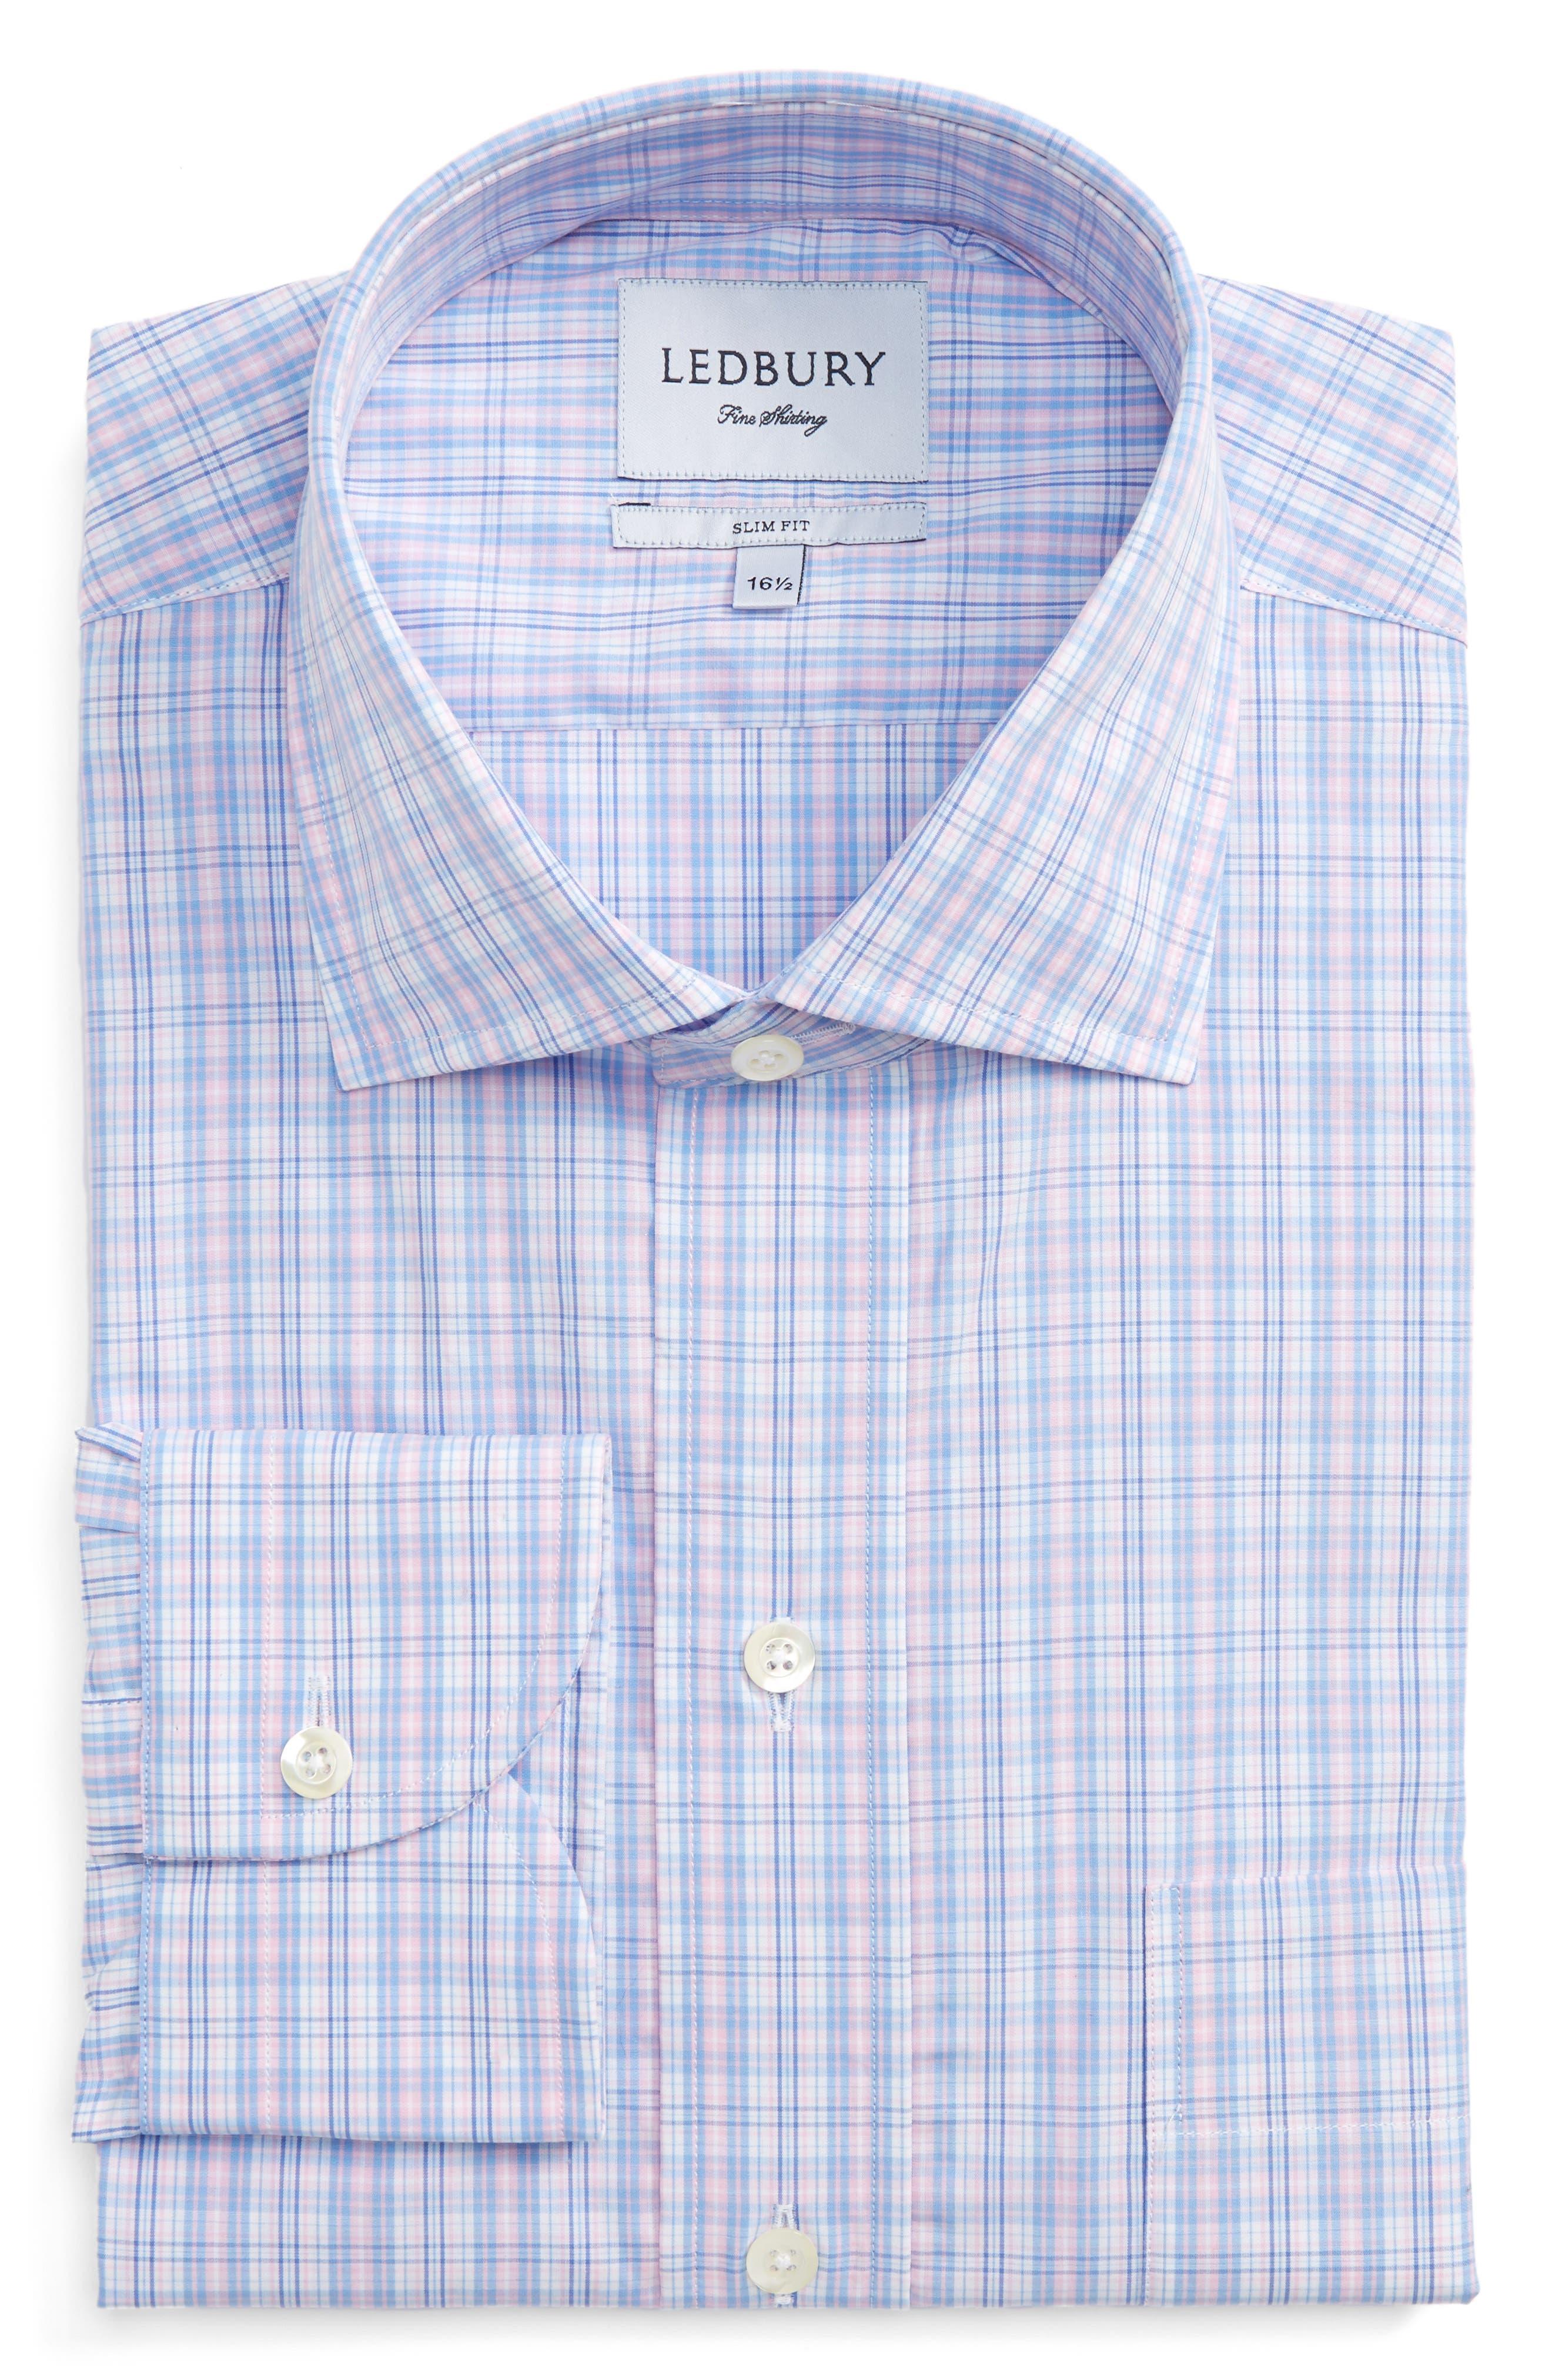 Main Image - Ledbury Slim Fit Plaid Dress Shirt